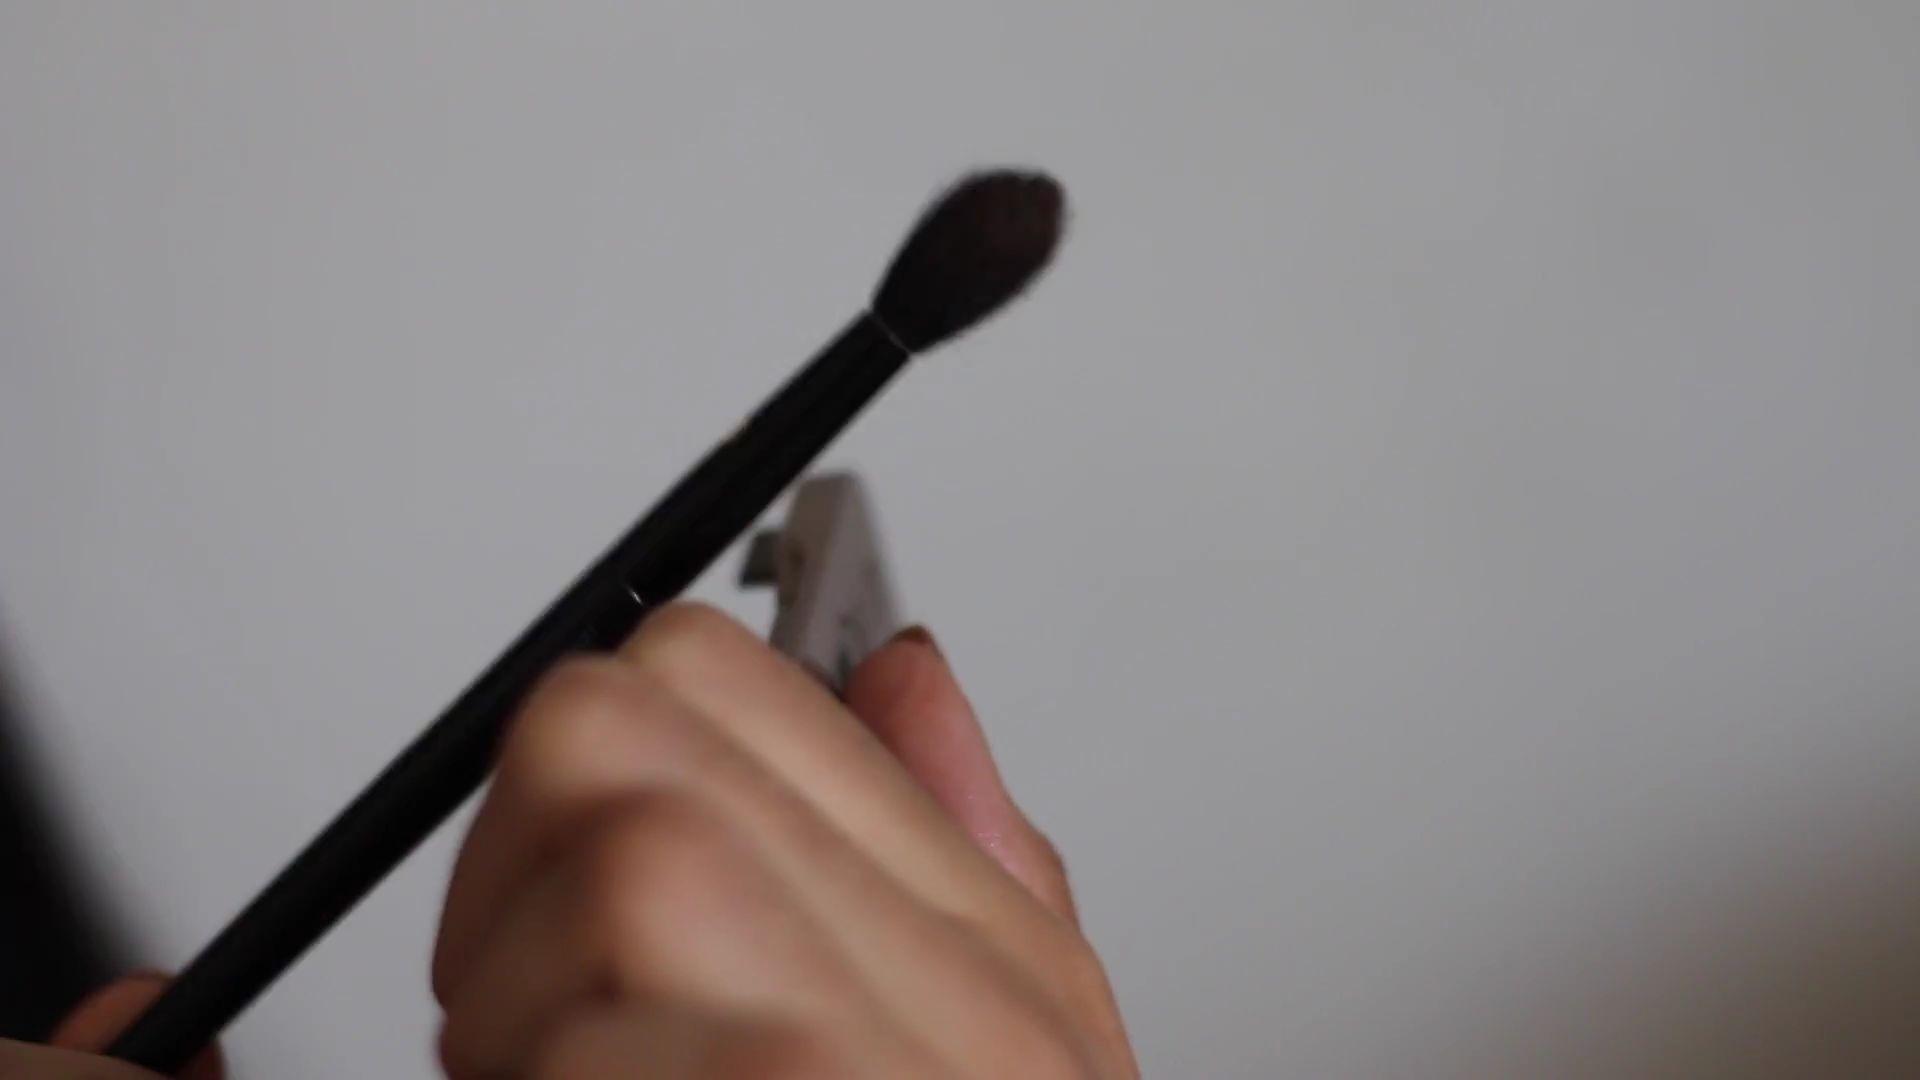 Paulina del Campo Maquillaje para cuando tienes pereza 2020, quitar exceso de sombra.